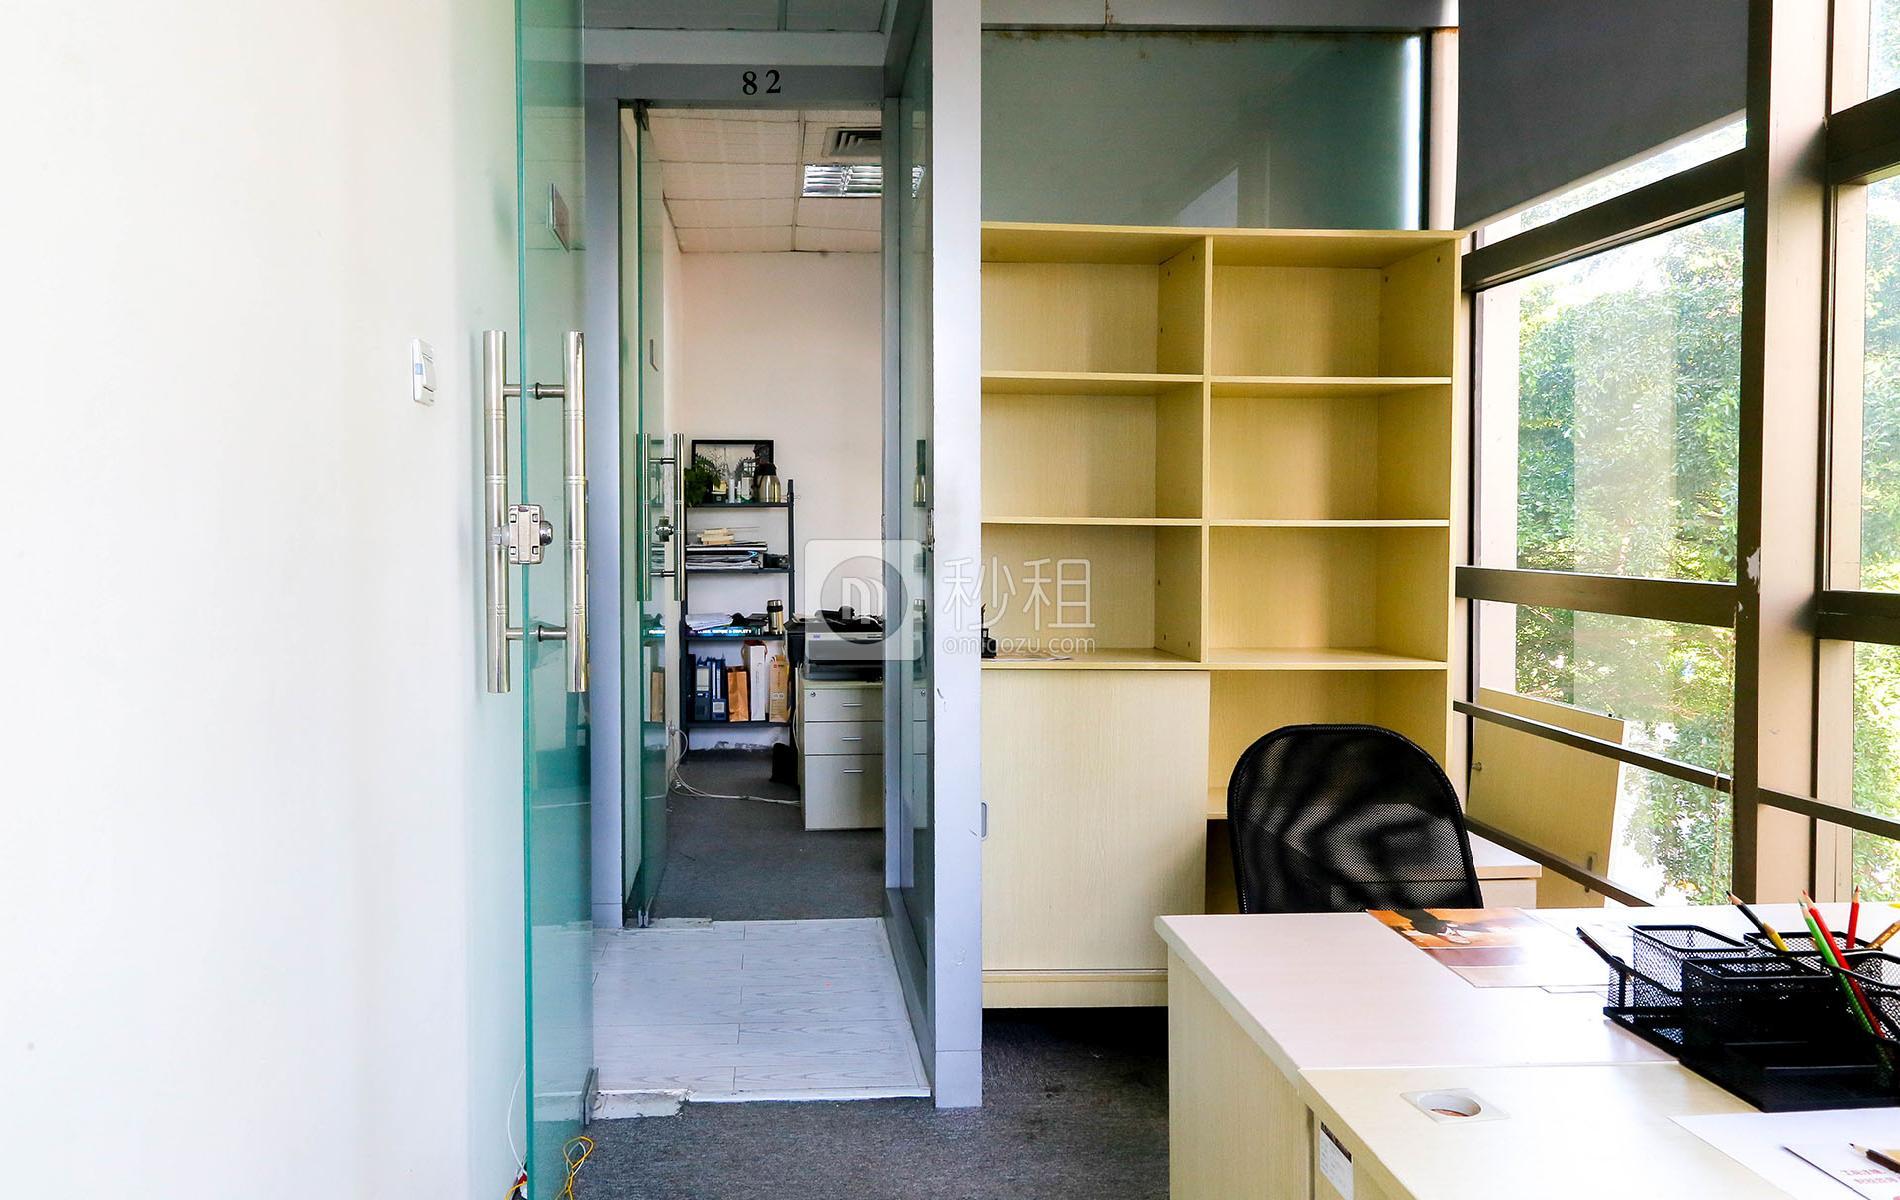 企创商务中心-海松大厦写字楼出租15平米精装办公室2480元/间.月